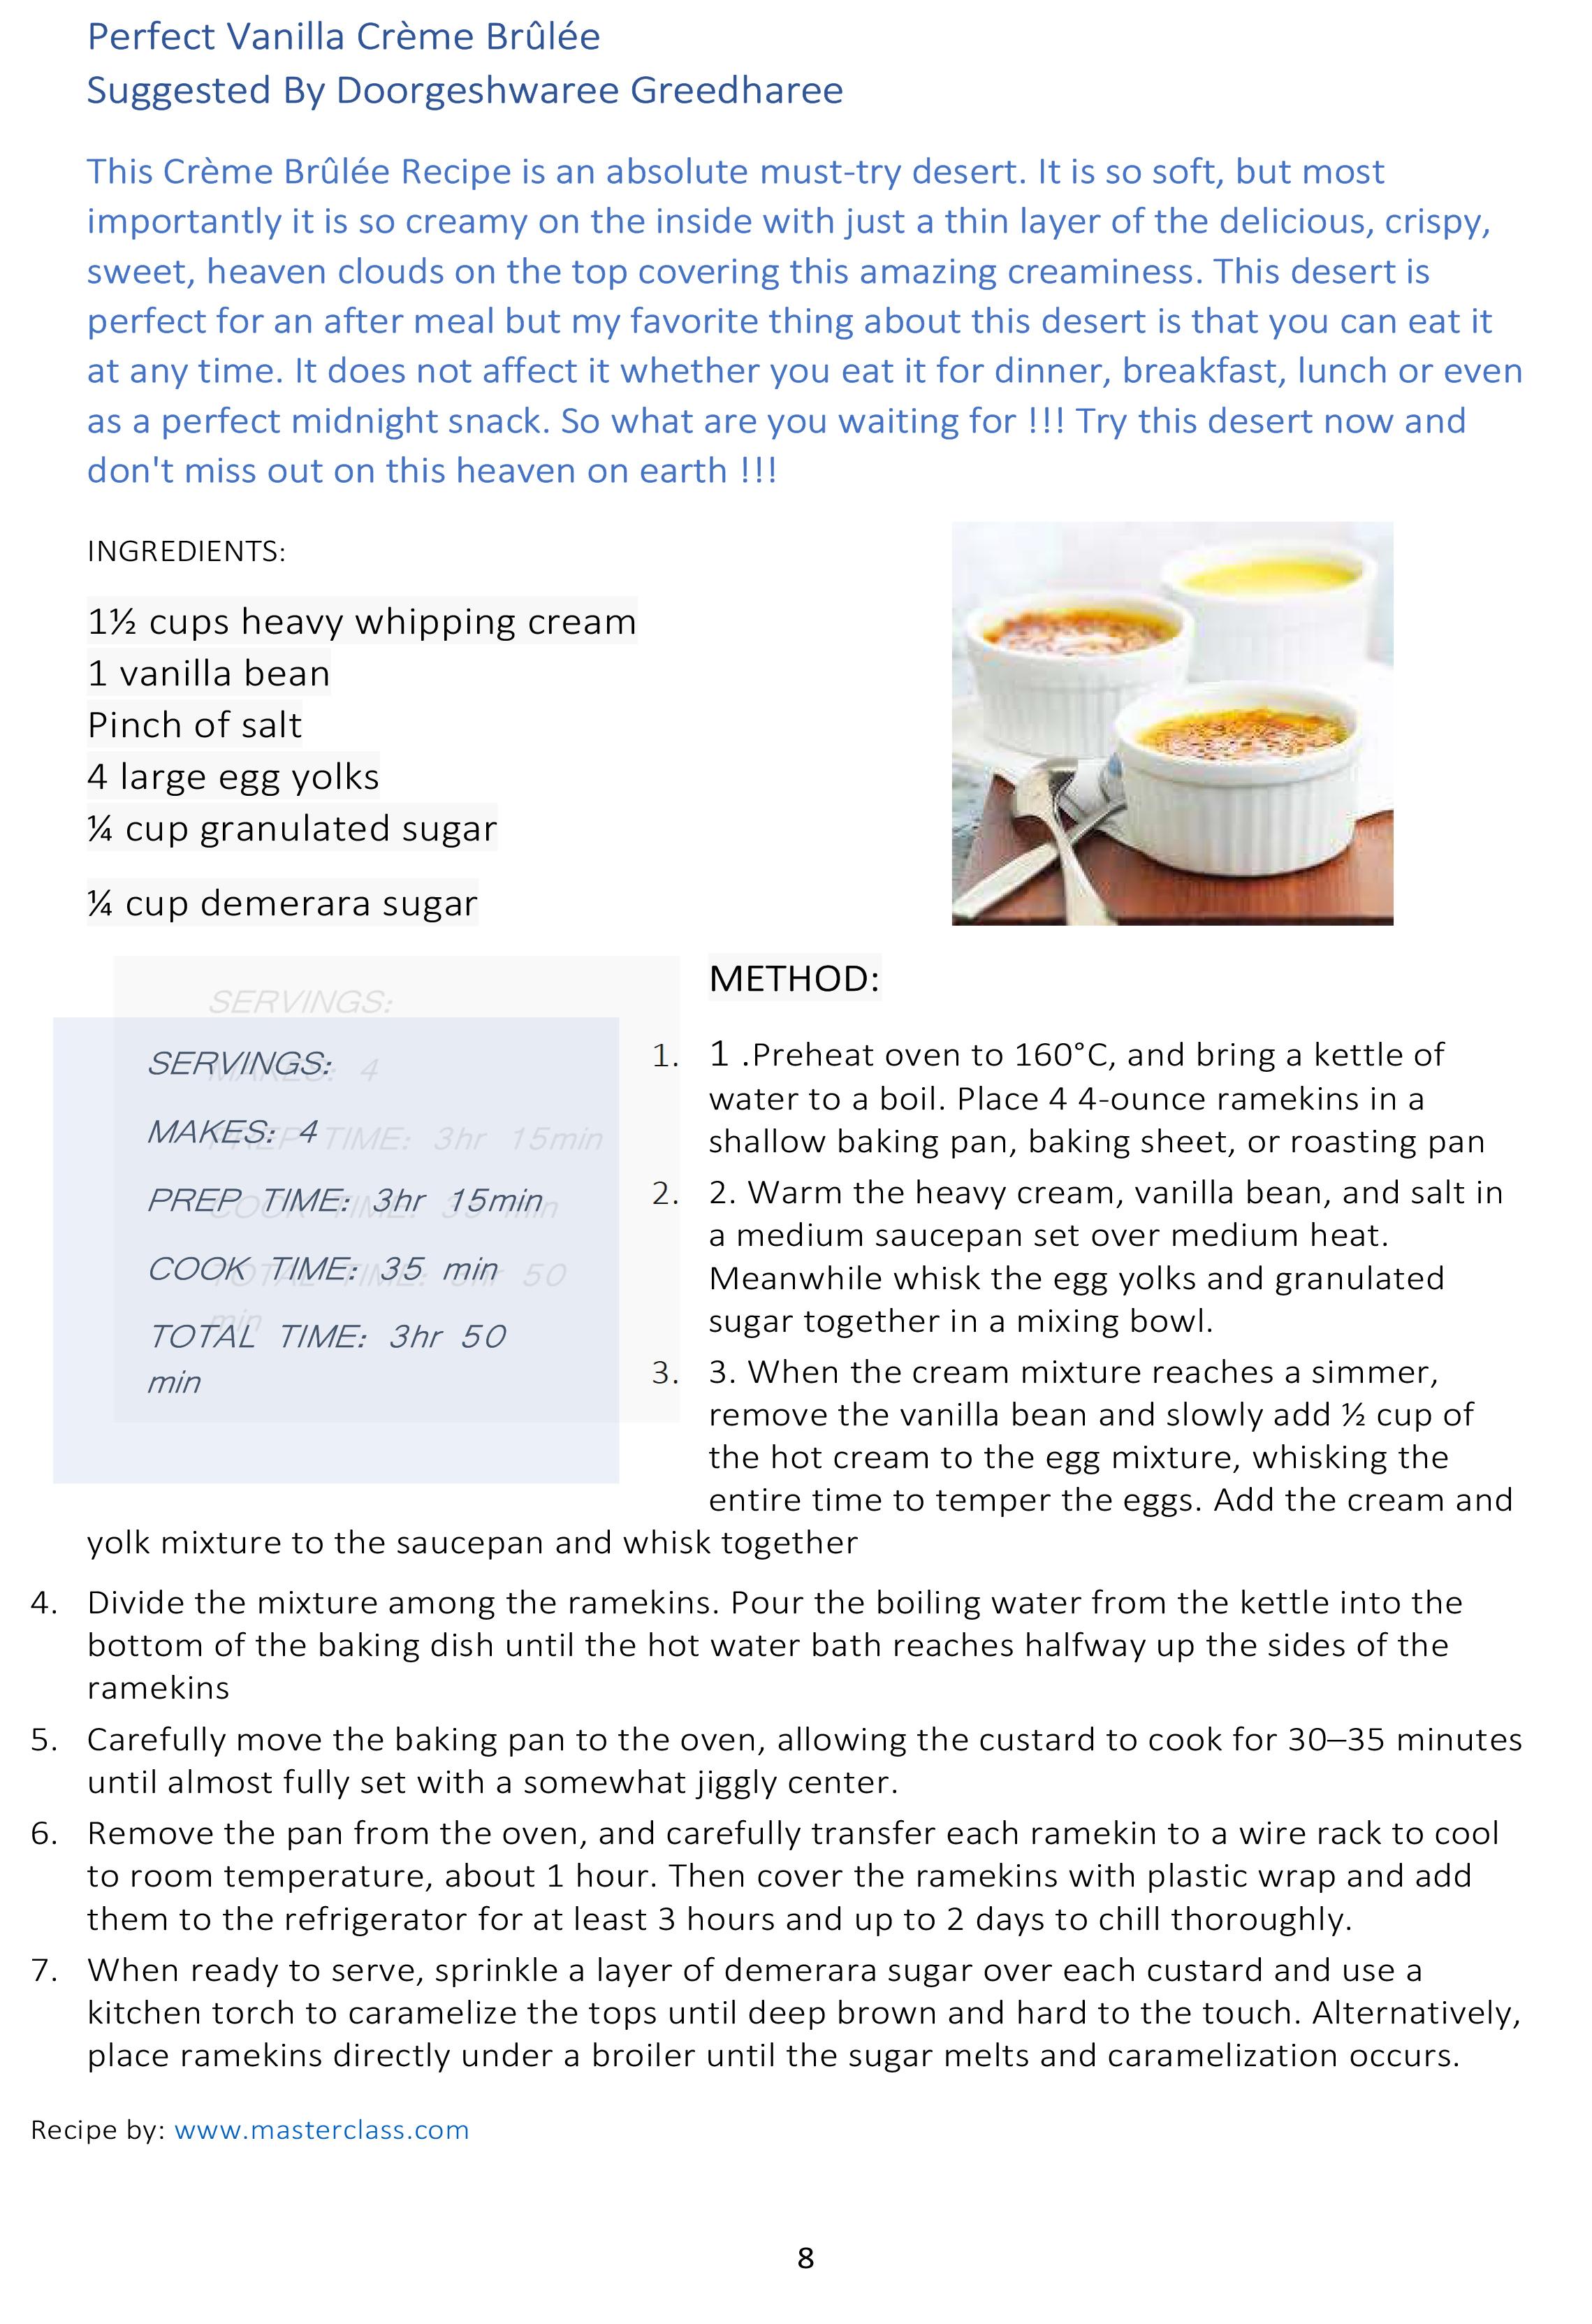 Microsoft Word - 5e_Cookbook_Update.docx